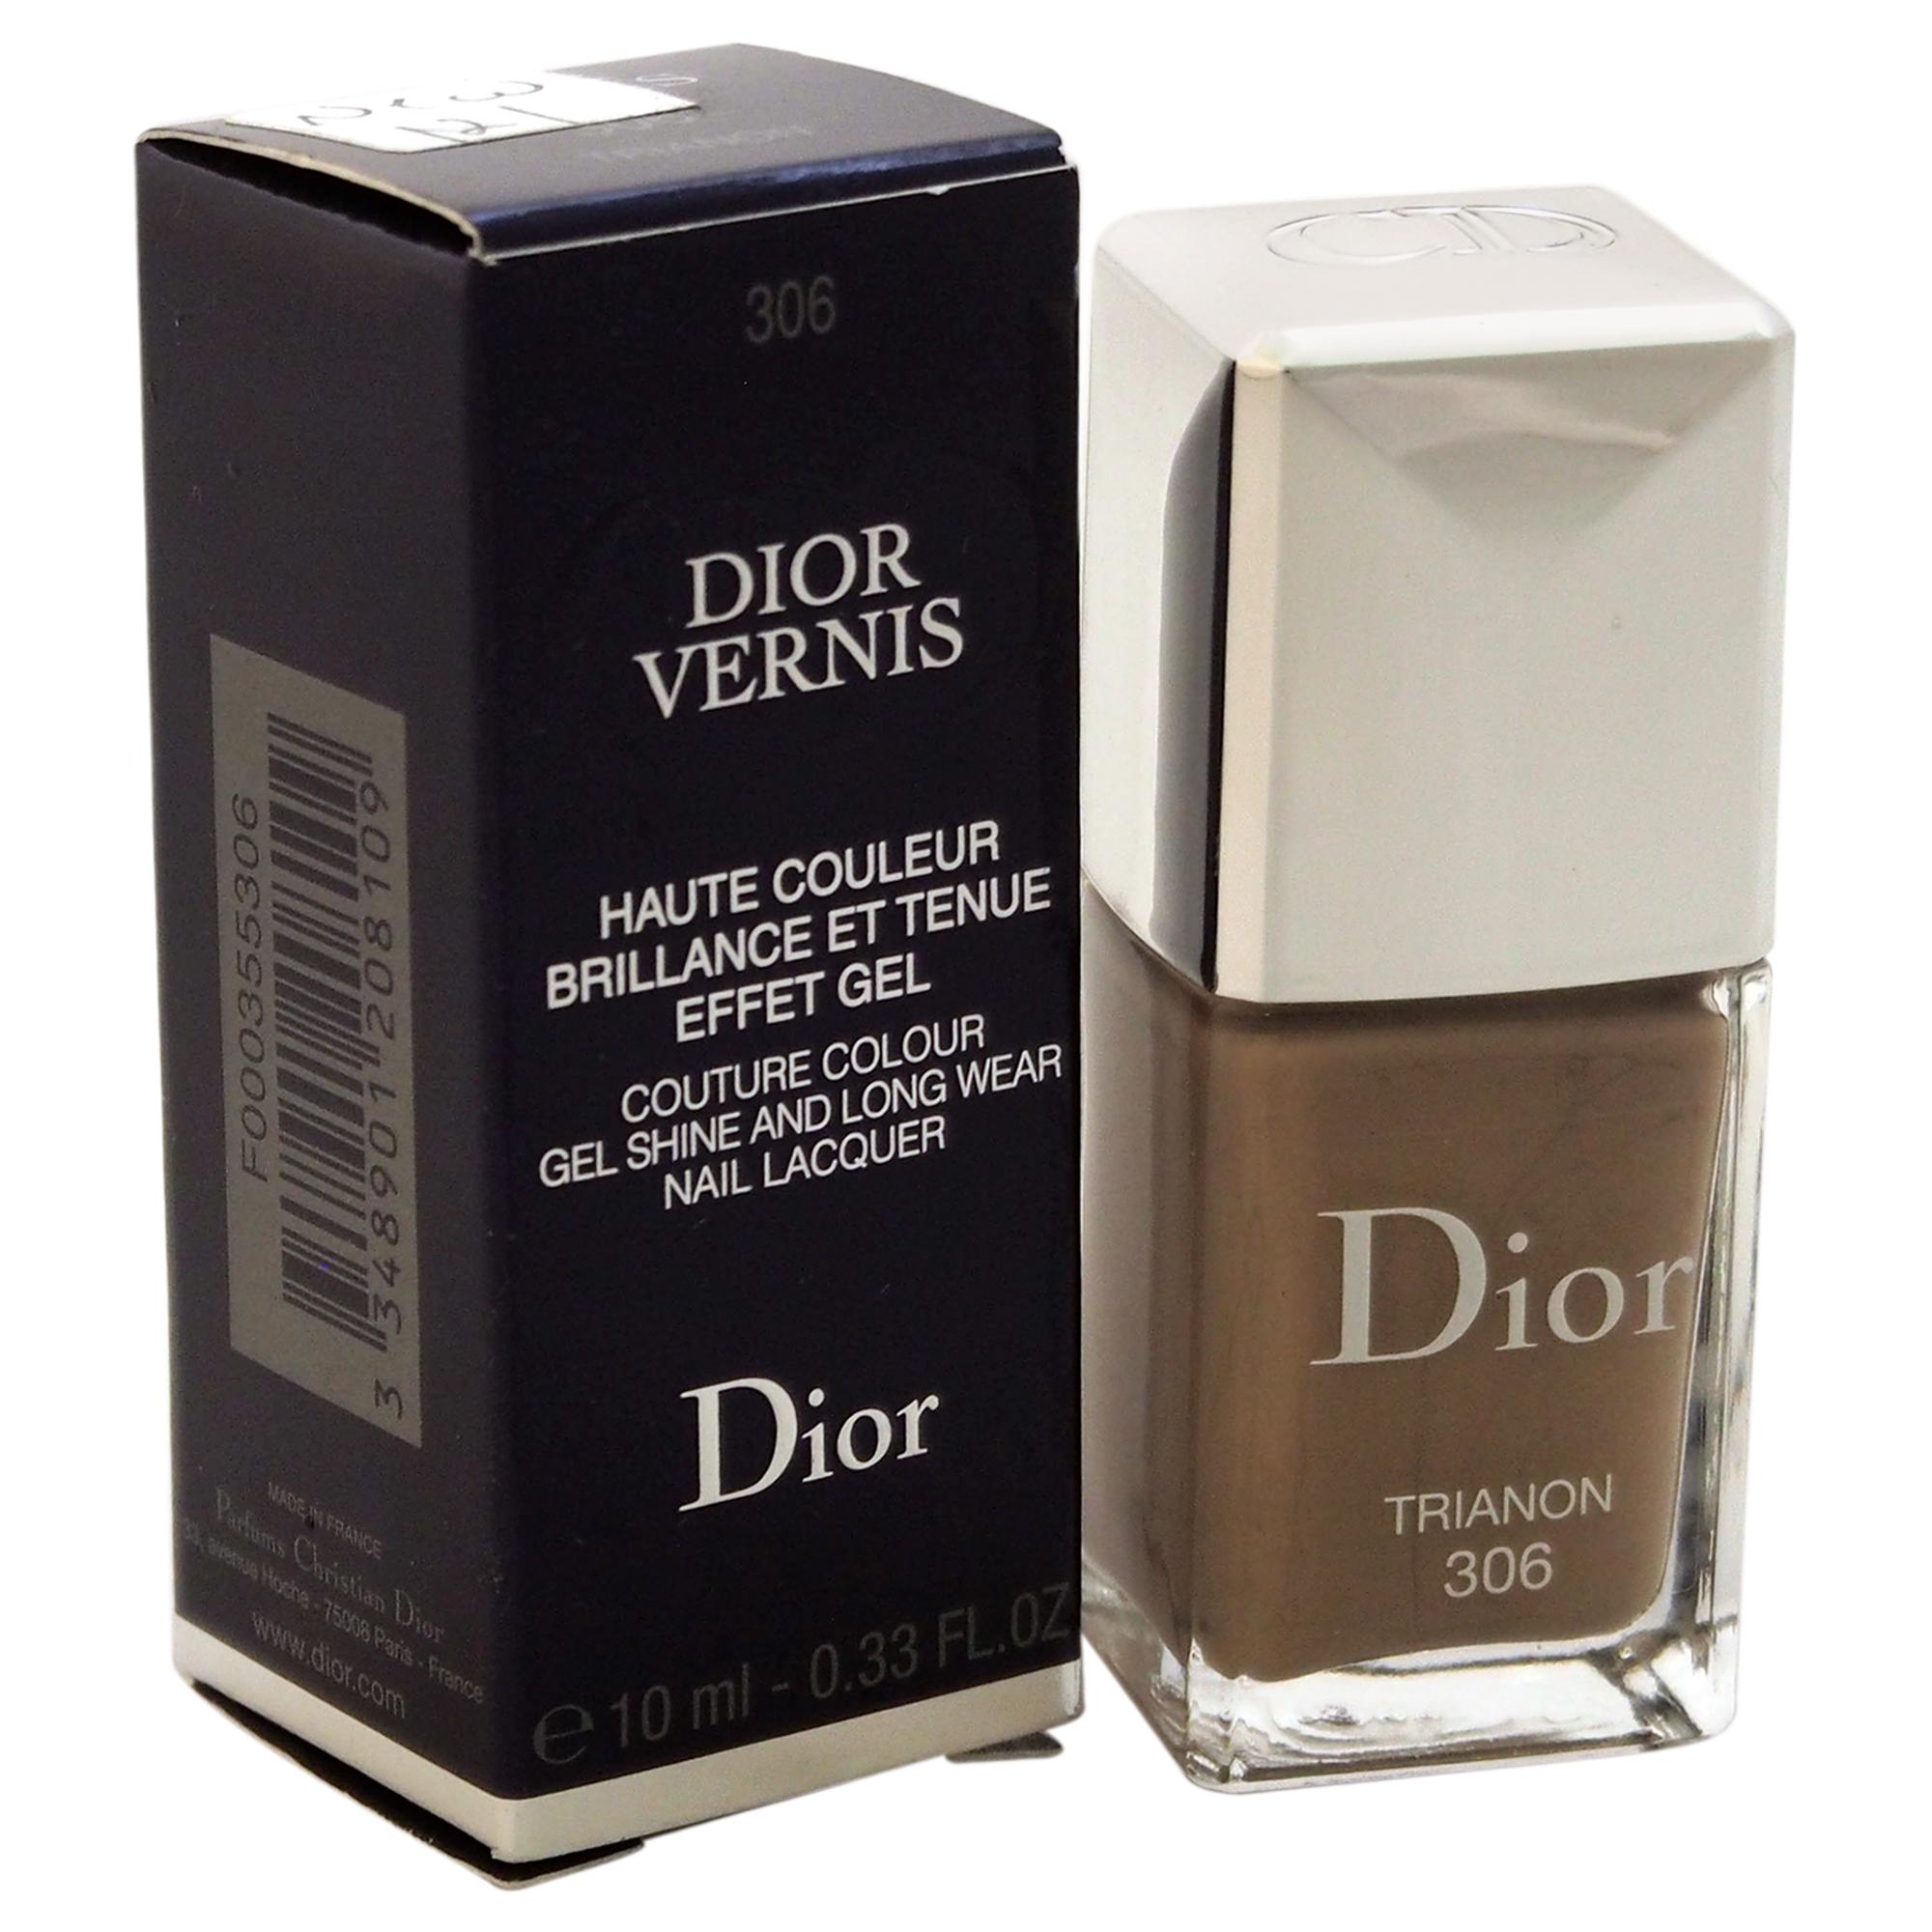 Dior Vernis Nail Lacquer #306 Trianon Christian .33oz Polish